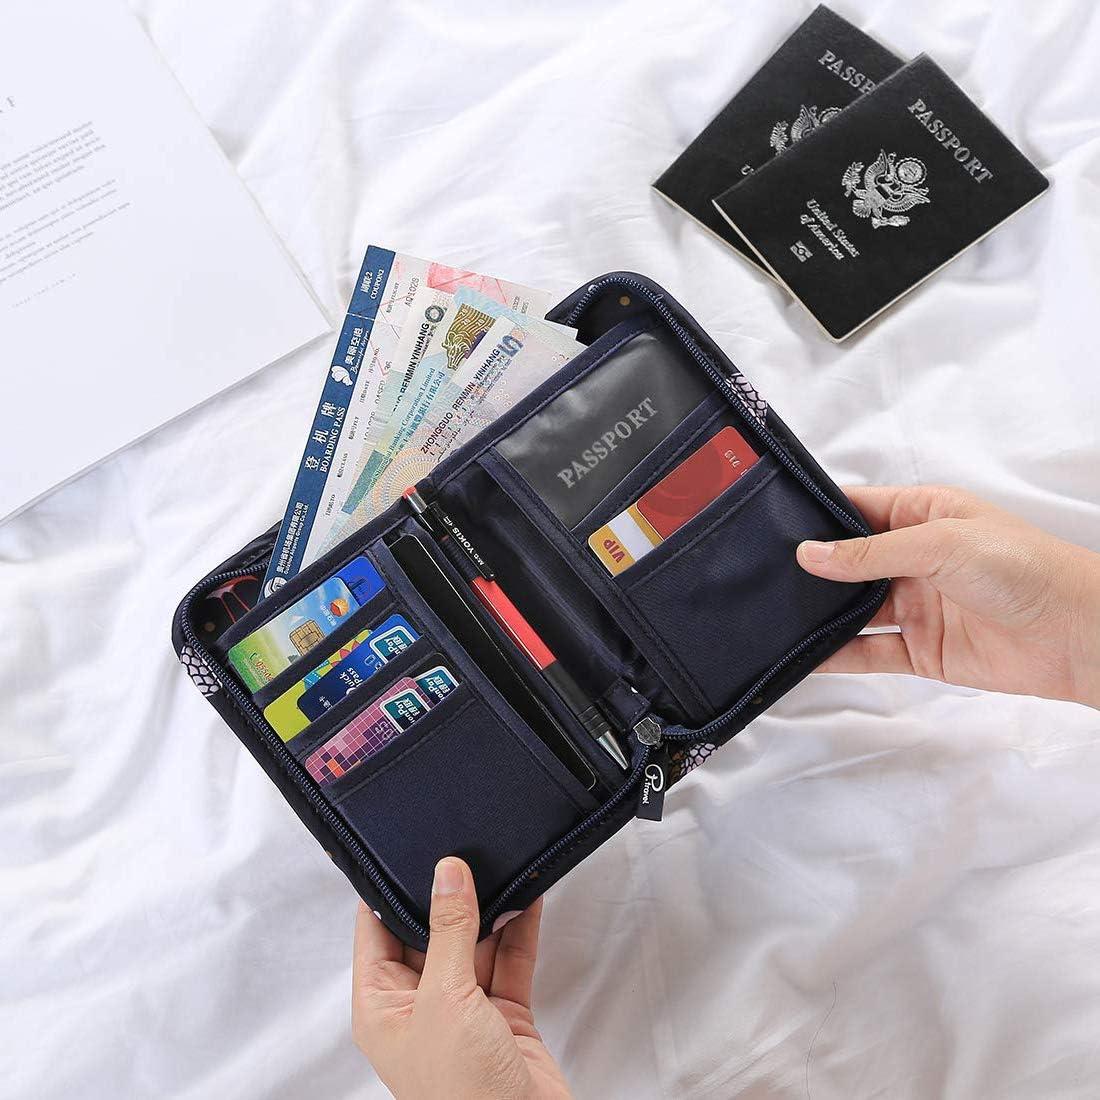 Portafoglio da viaggio Portafoglio Porta documenti Porta passaporto con protezione RFID Porta badge Porta carte di credito Borsa da viaggio Cartella da viaggio per uomo e donna